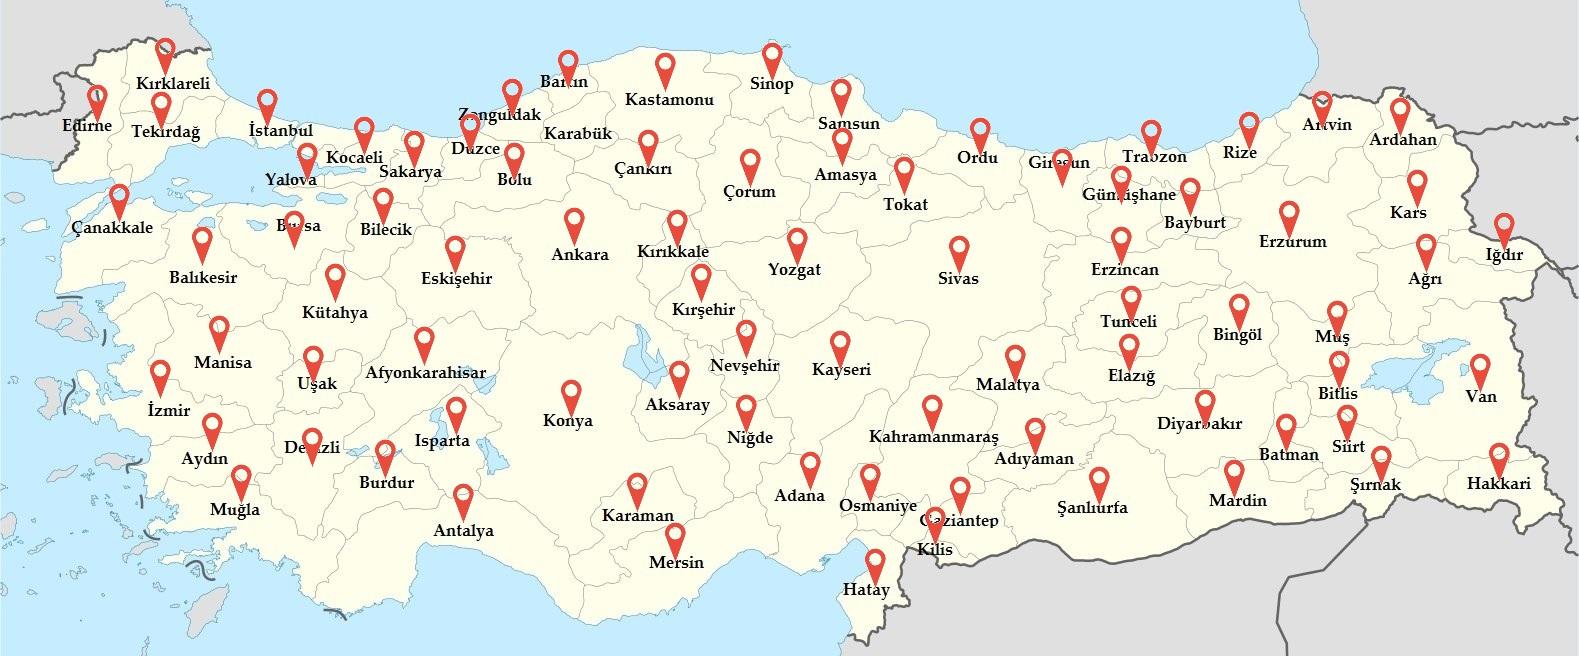 harita_pin_map